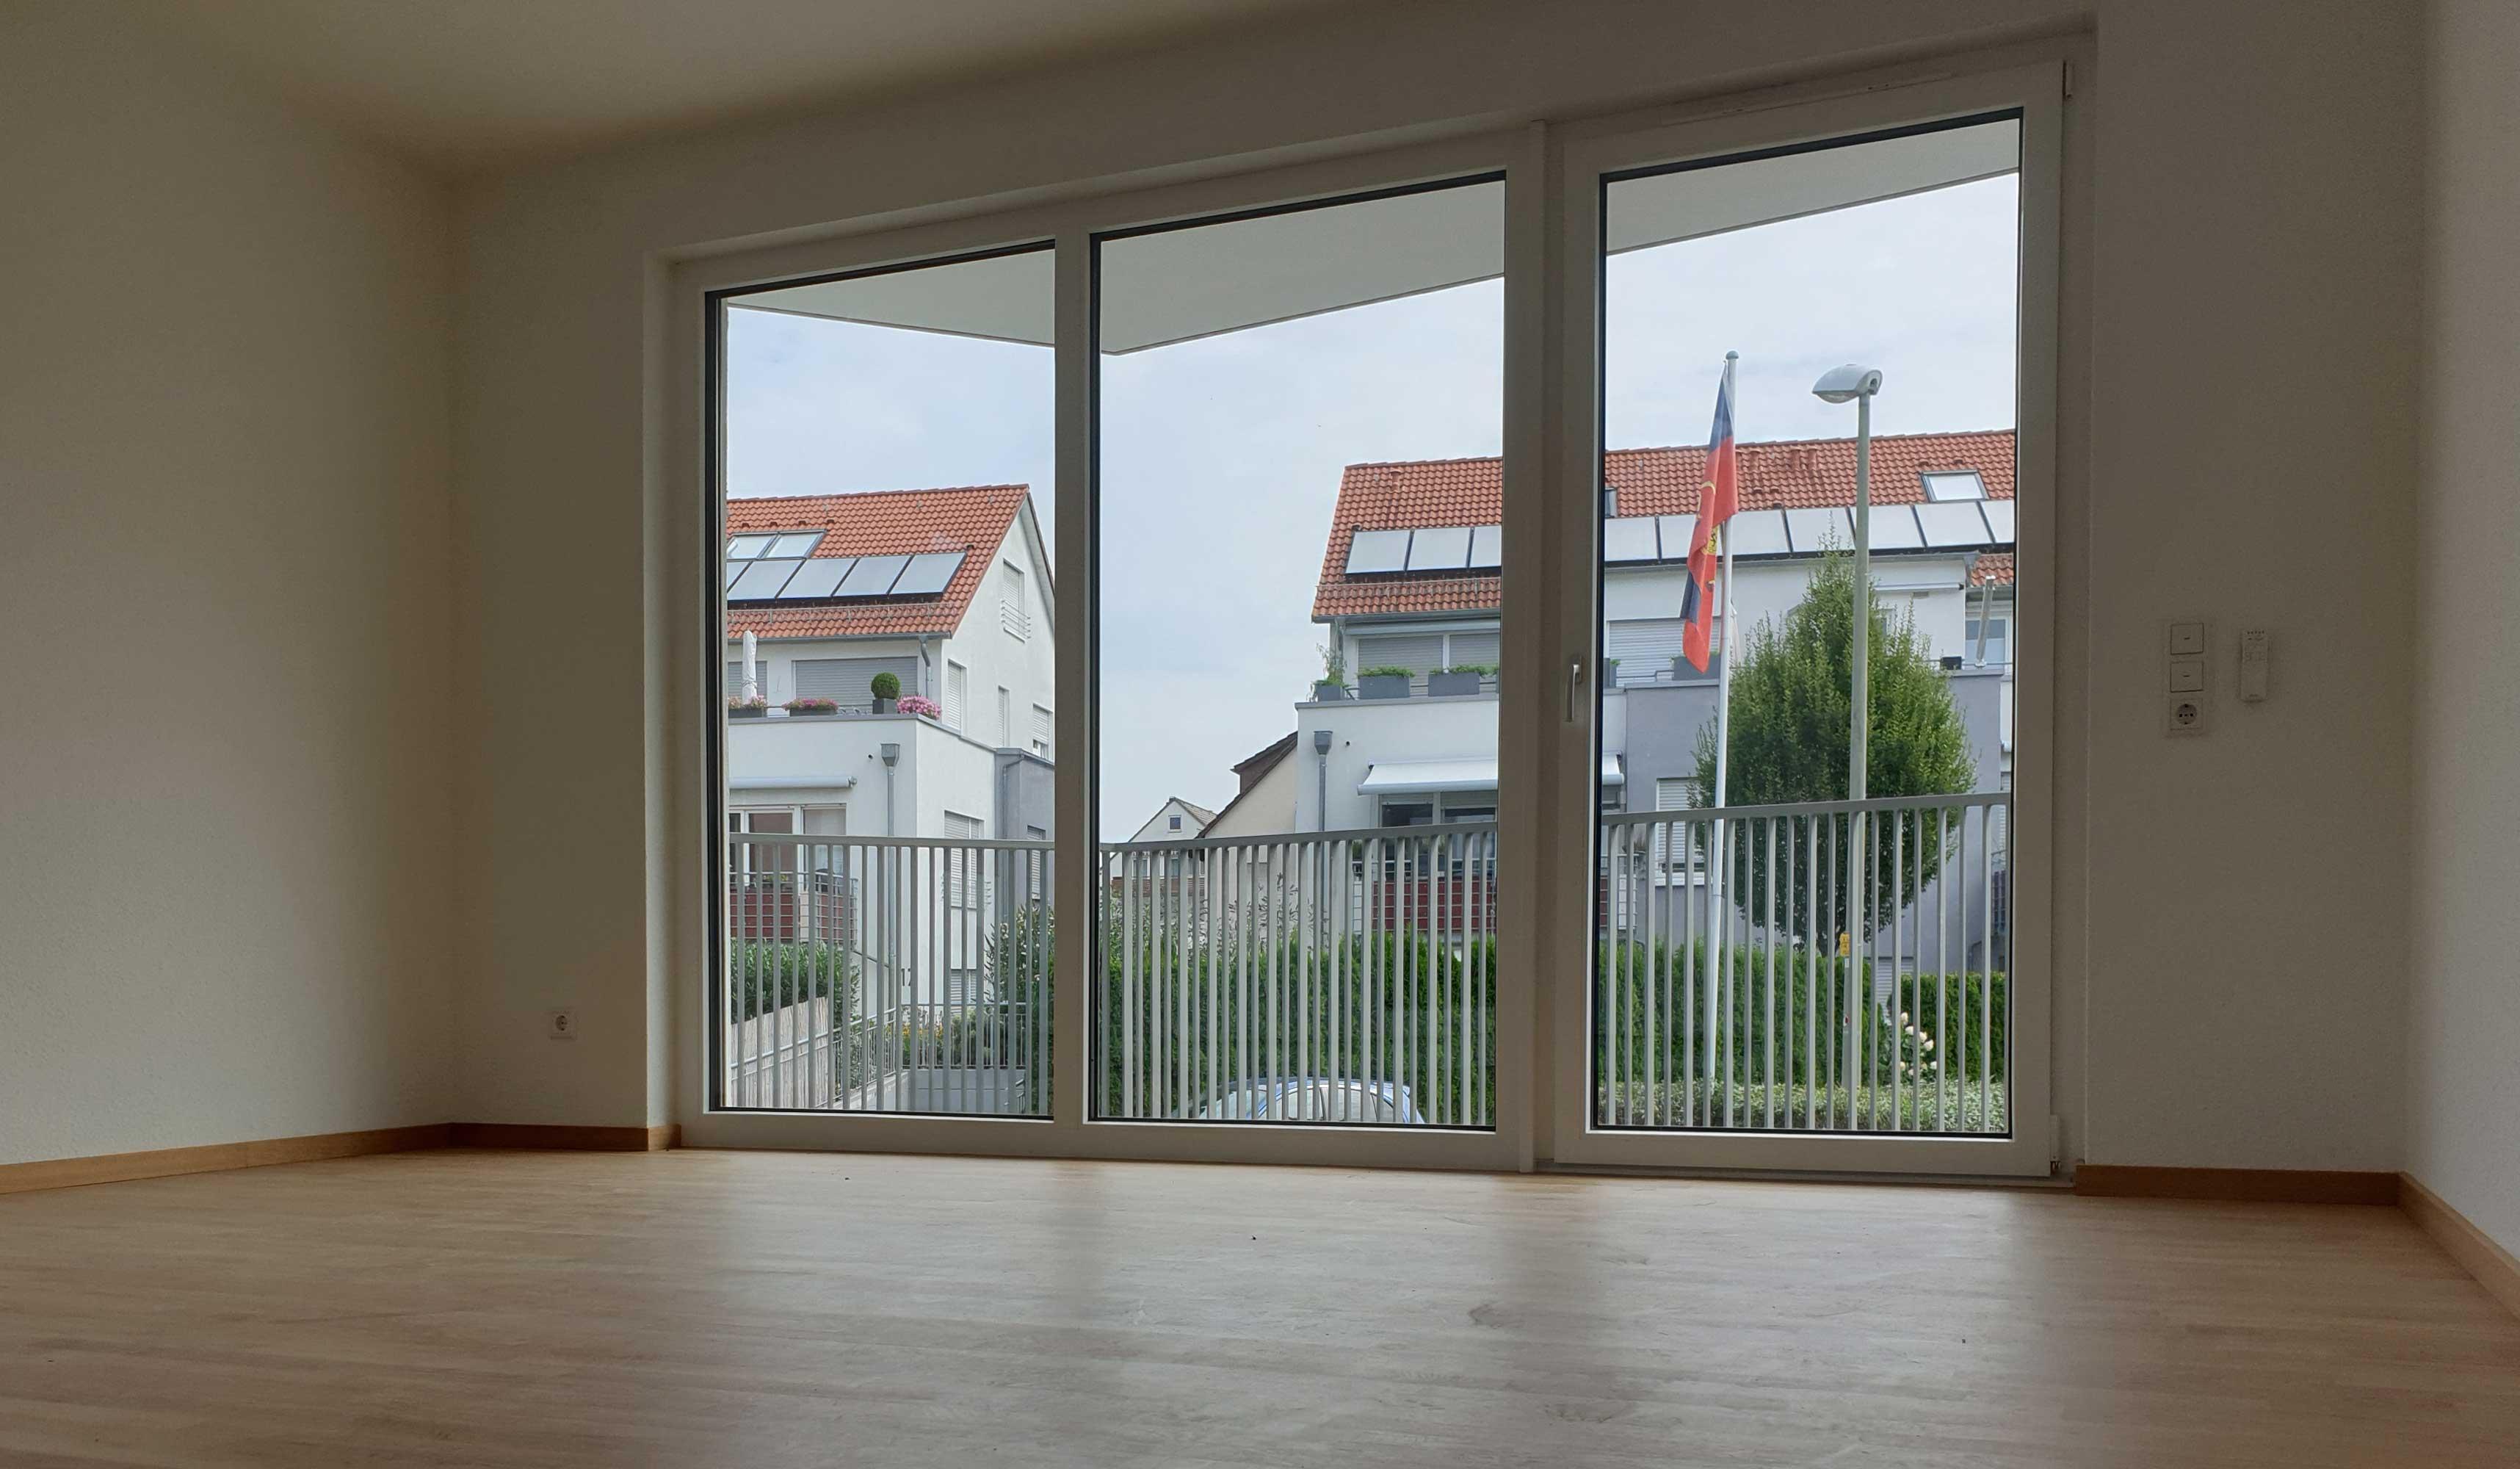 Wohnung zur Wilnaer Straße